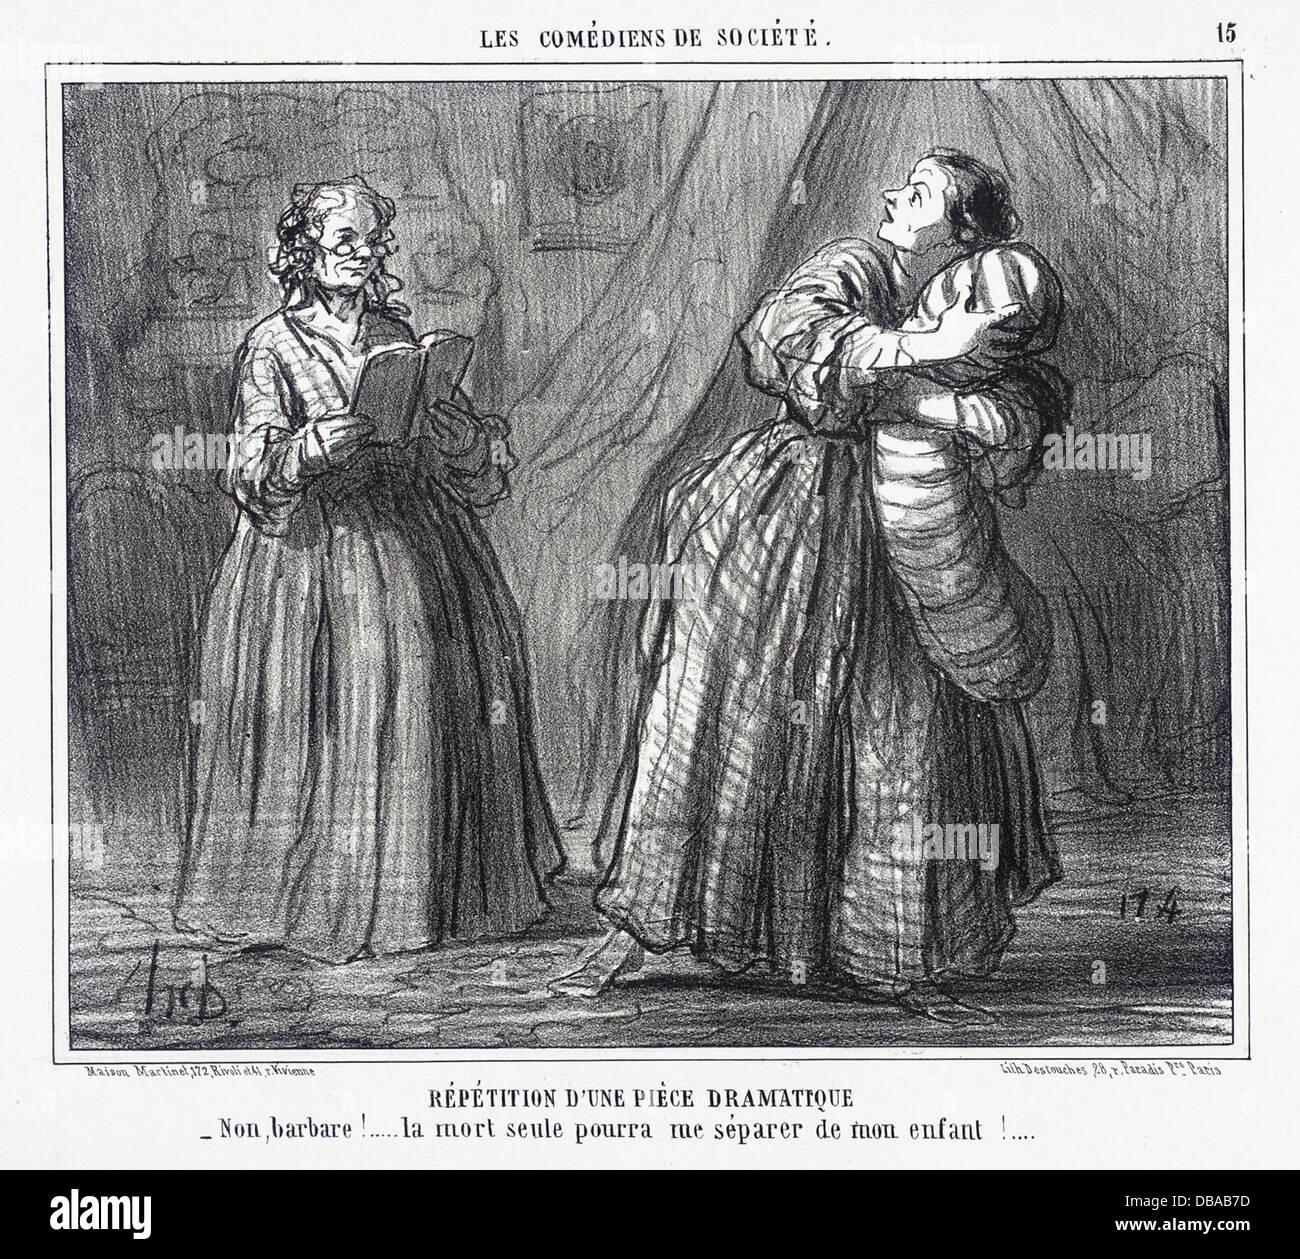 Repetition d'une piece dramatique M.91.82.80 - Stock Image